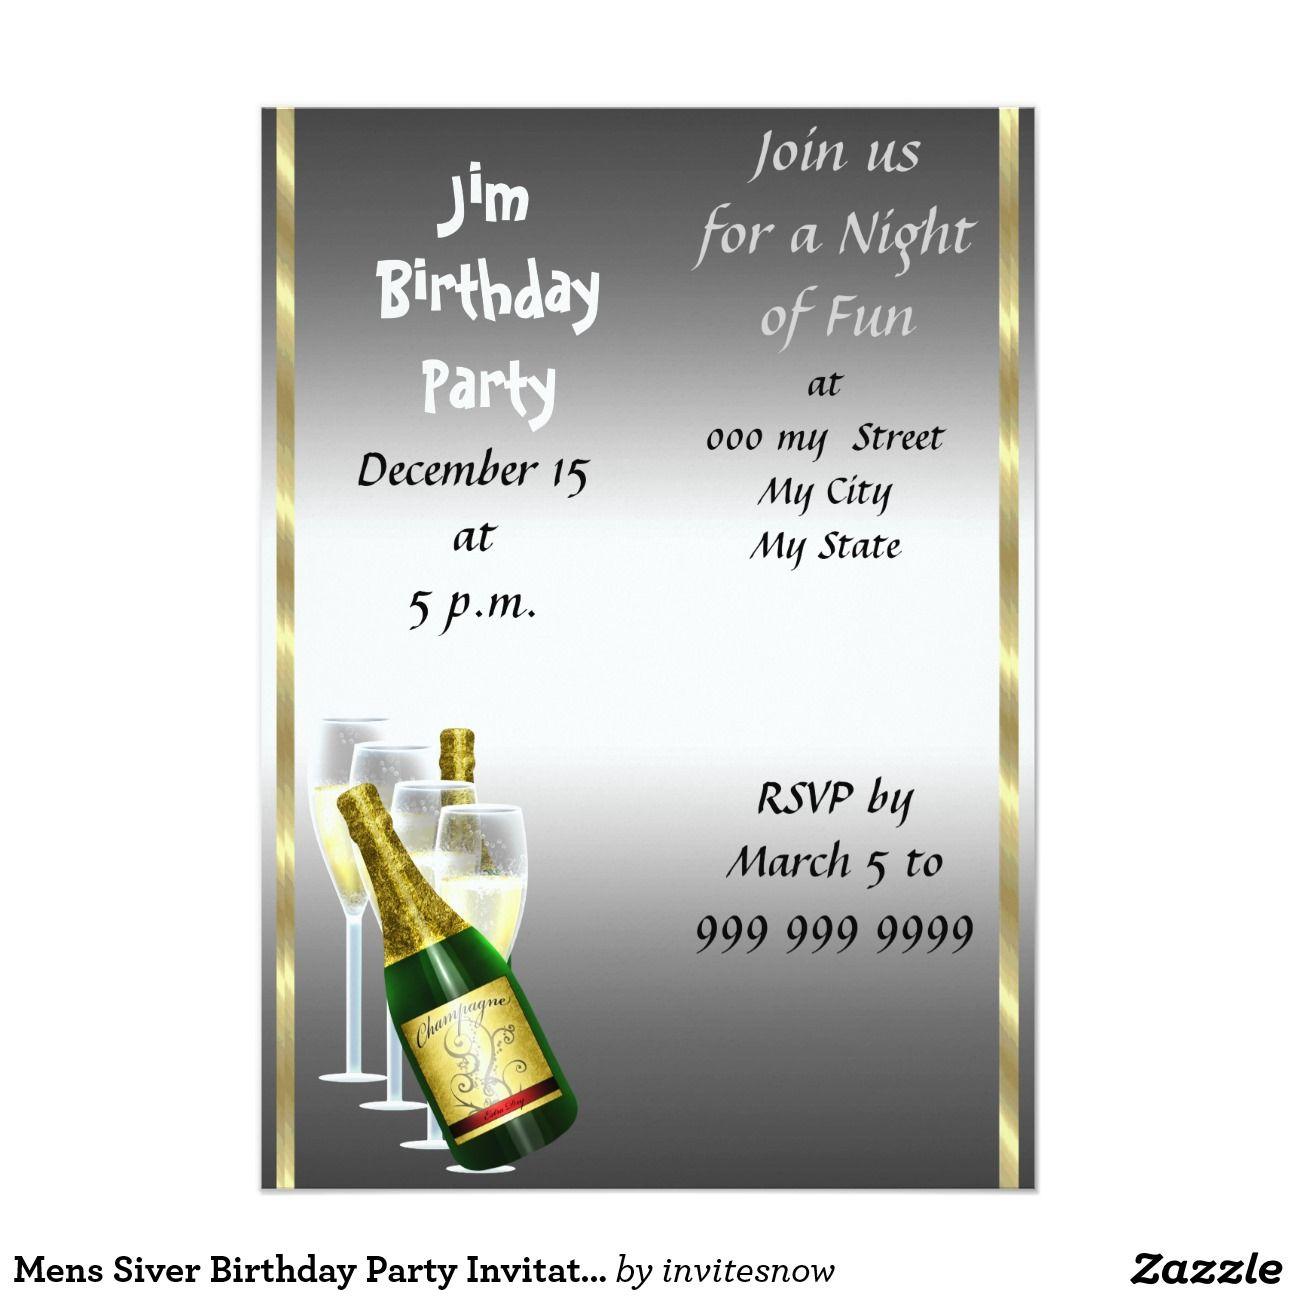 Imajenes De Invitacion A Celebrar El Cumpleaños Para Hombre